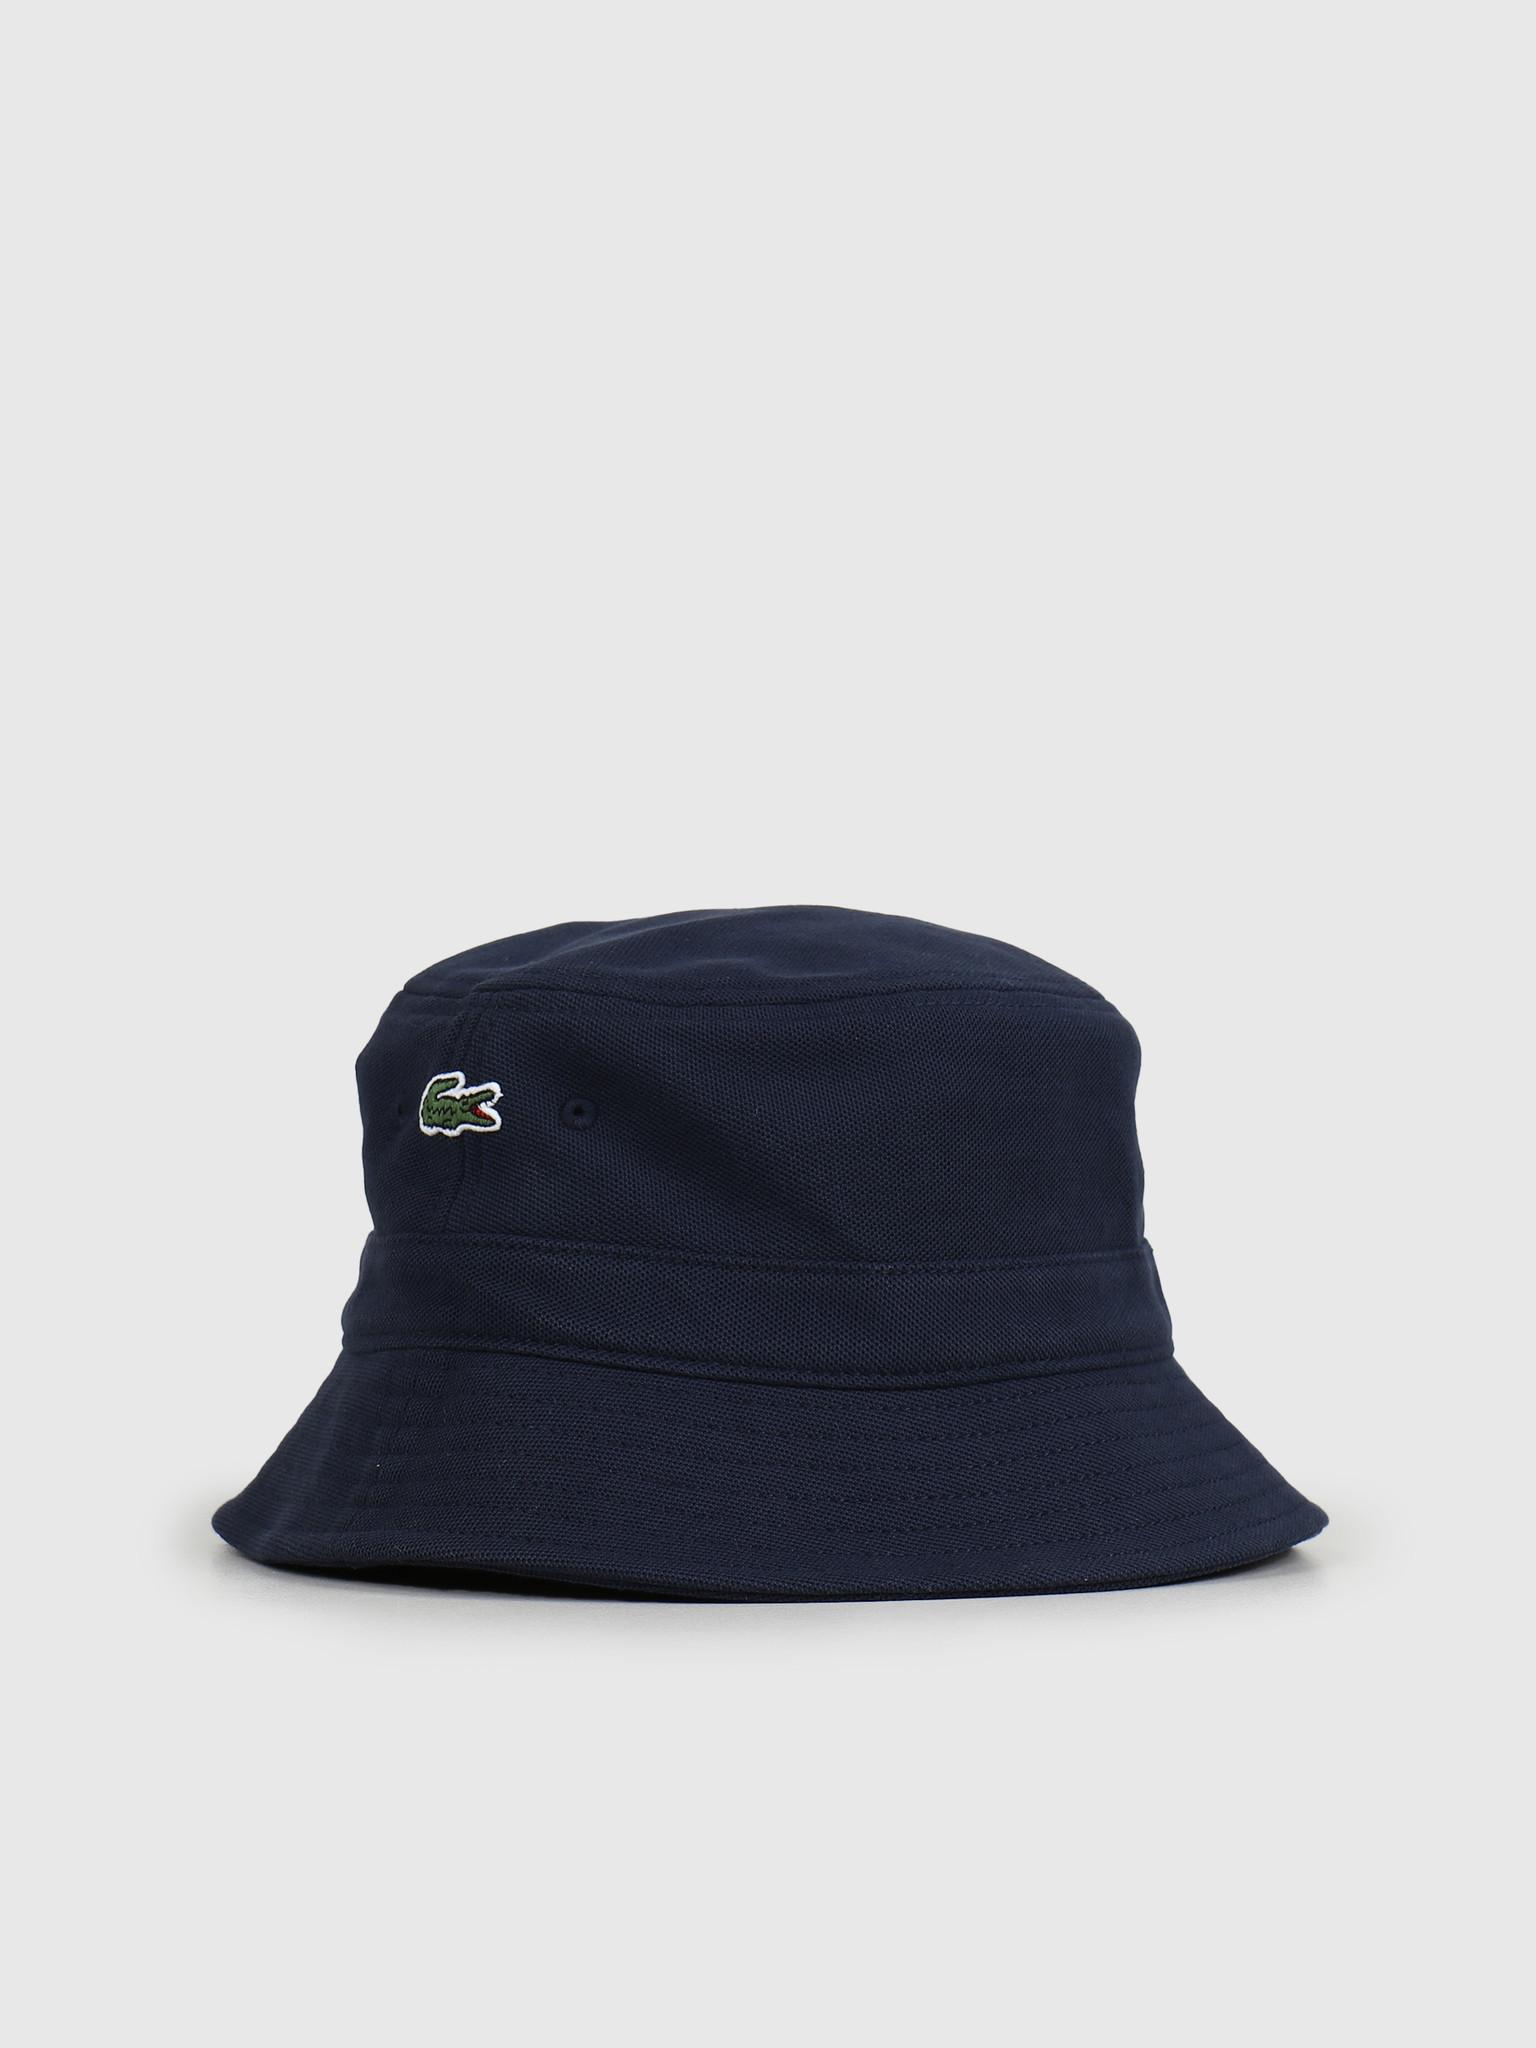 Lacoste Lacoste 2G4C Cap 01 Navy Blue RK4712-01